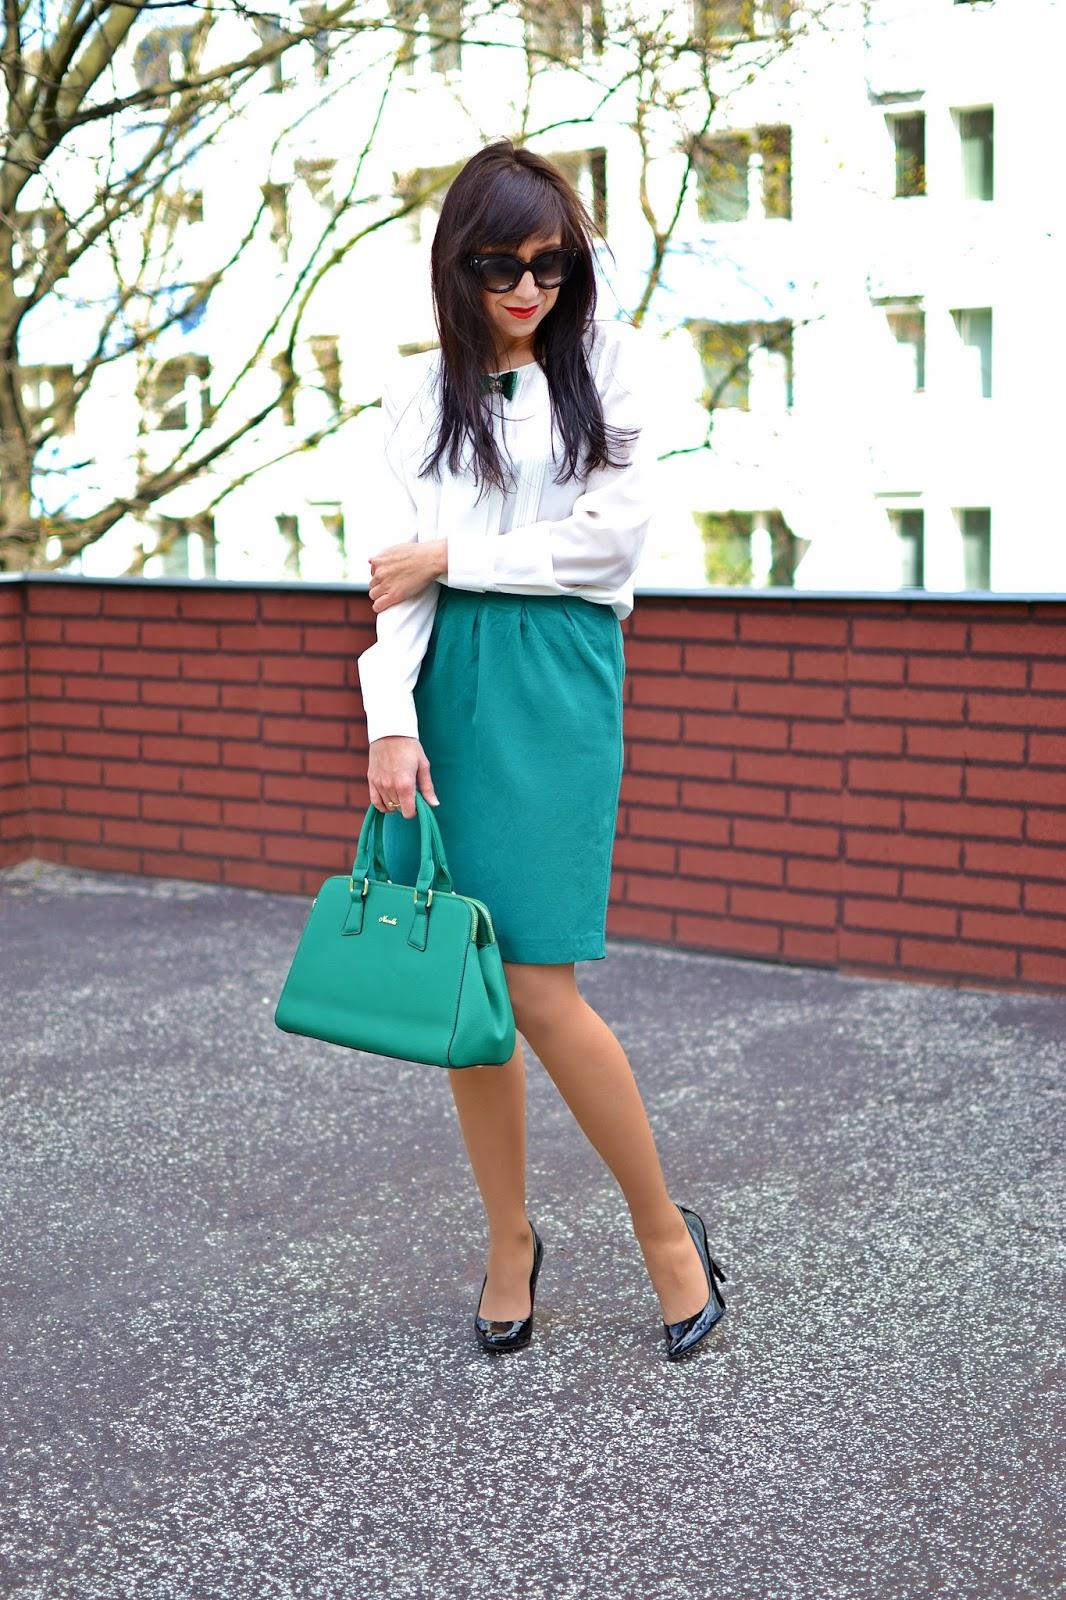 DETAIL_Katharine-fashion is beautiful_Zelená sukňa_Bodkovaná mašľa_Zelená kabelka_Katarína Jakubčová_fashion blogger